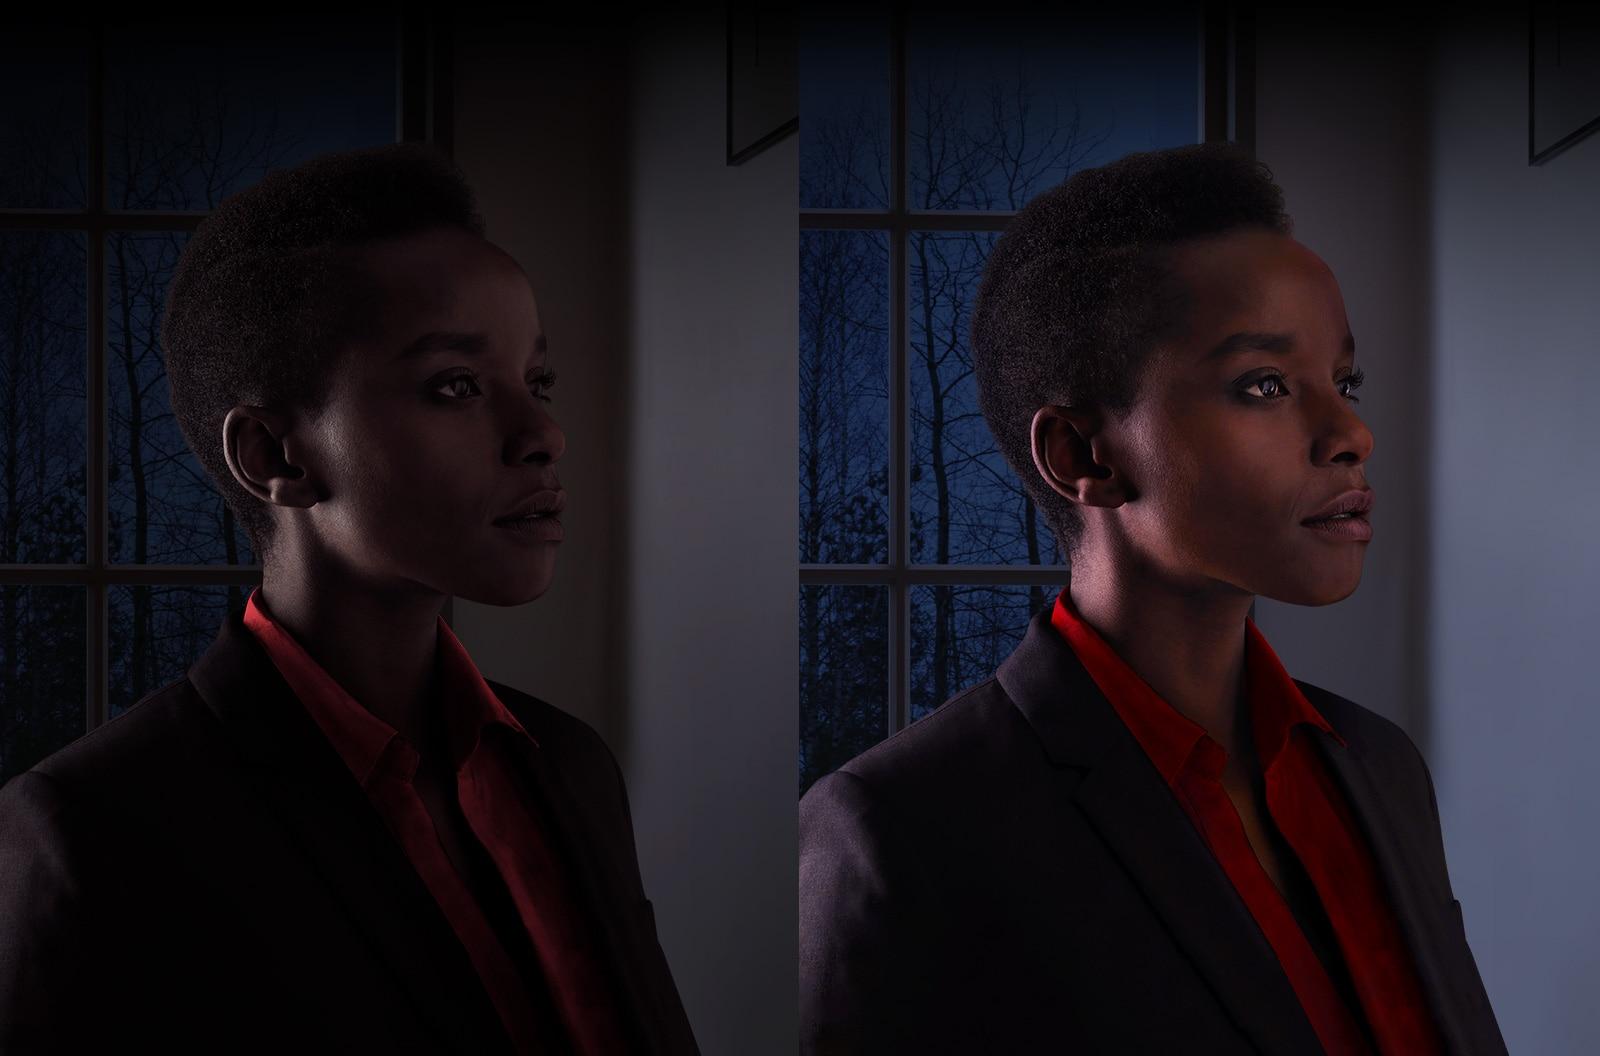 Duas fotos iguais de uma mulher, uma escura, à esquerda, e outra clara, à direita